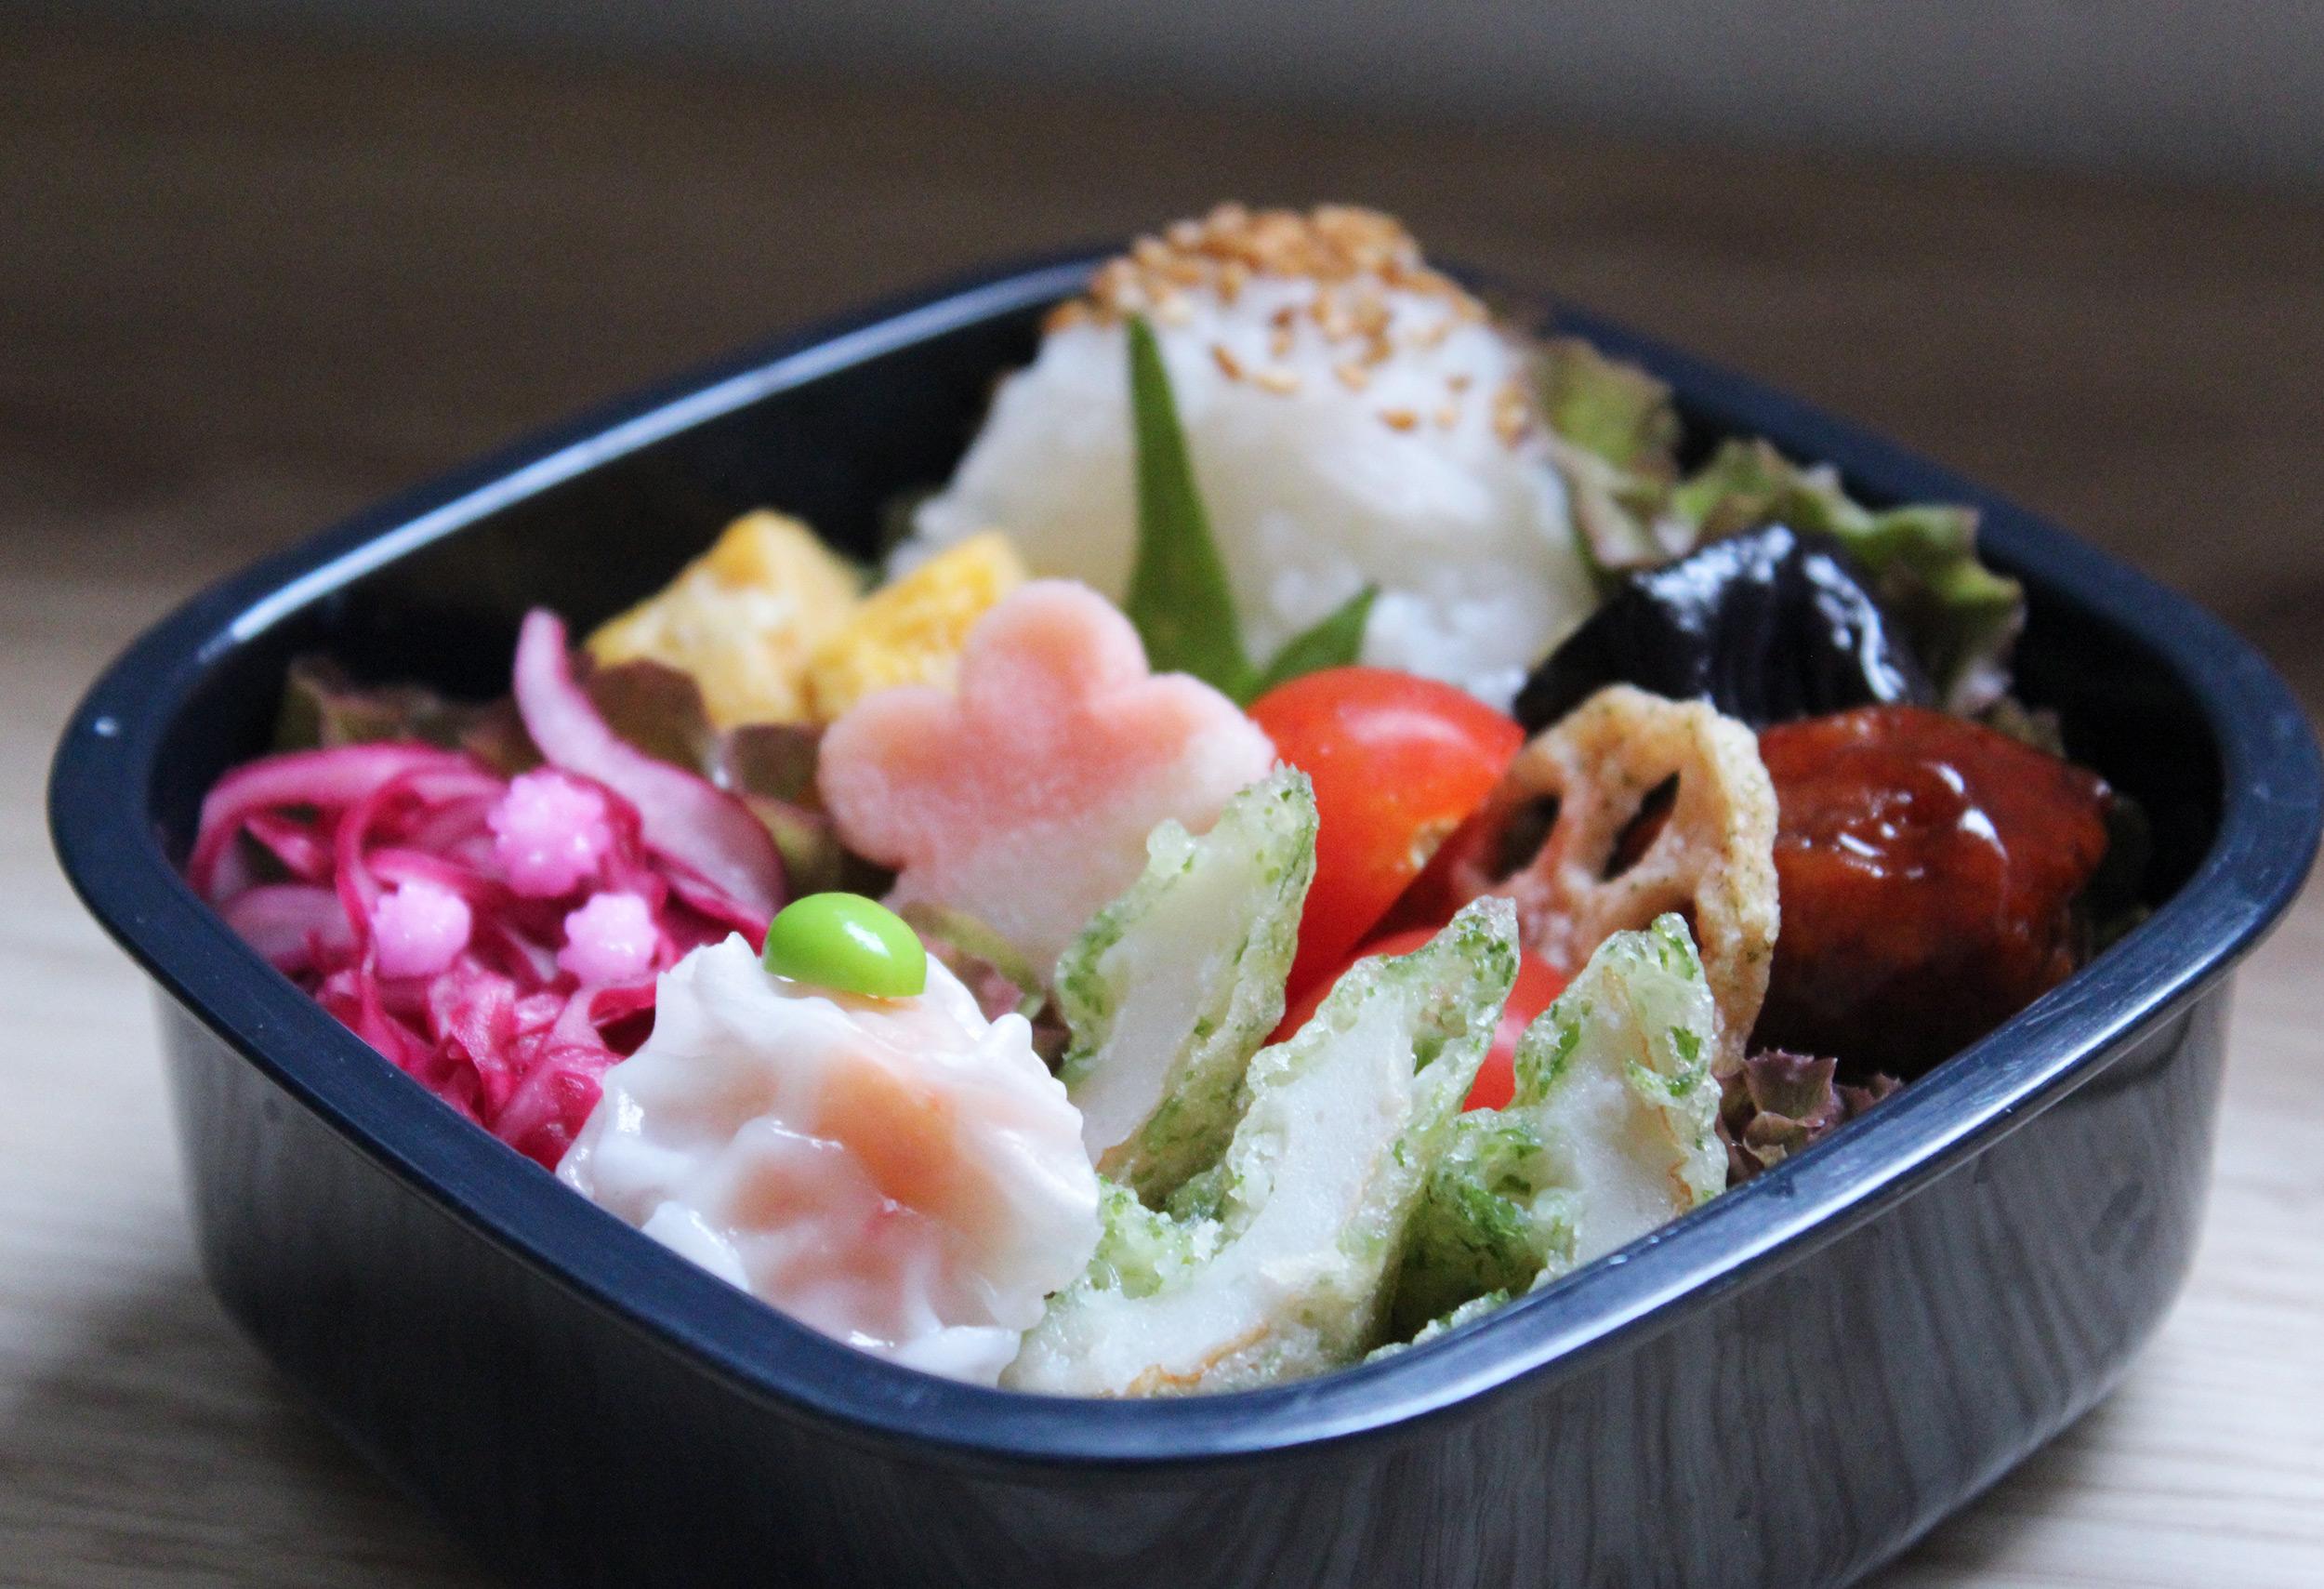 ちょっぴり中華なおこさま弁当 - お弁当の詰め方と盛り付けのコツ - 肉団子&海老シュウマイ。